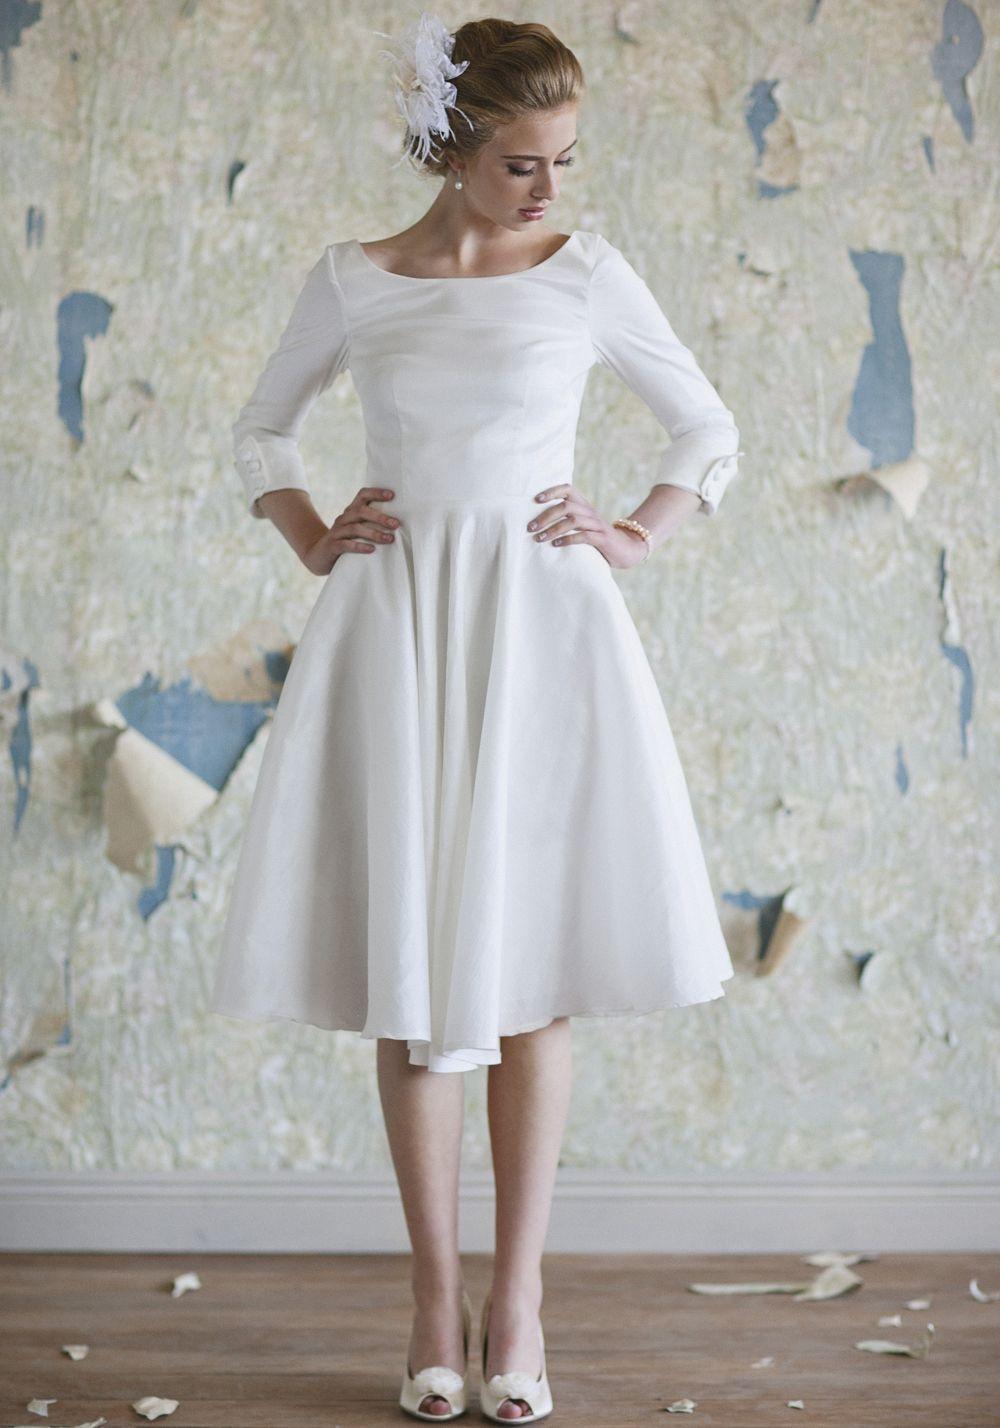 Audrey Hepburn inspired wedding dress. | Audrey Hepburn Theme ...